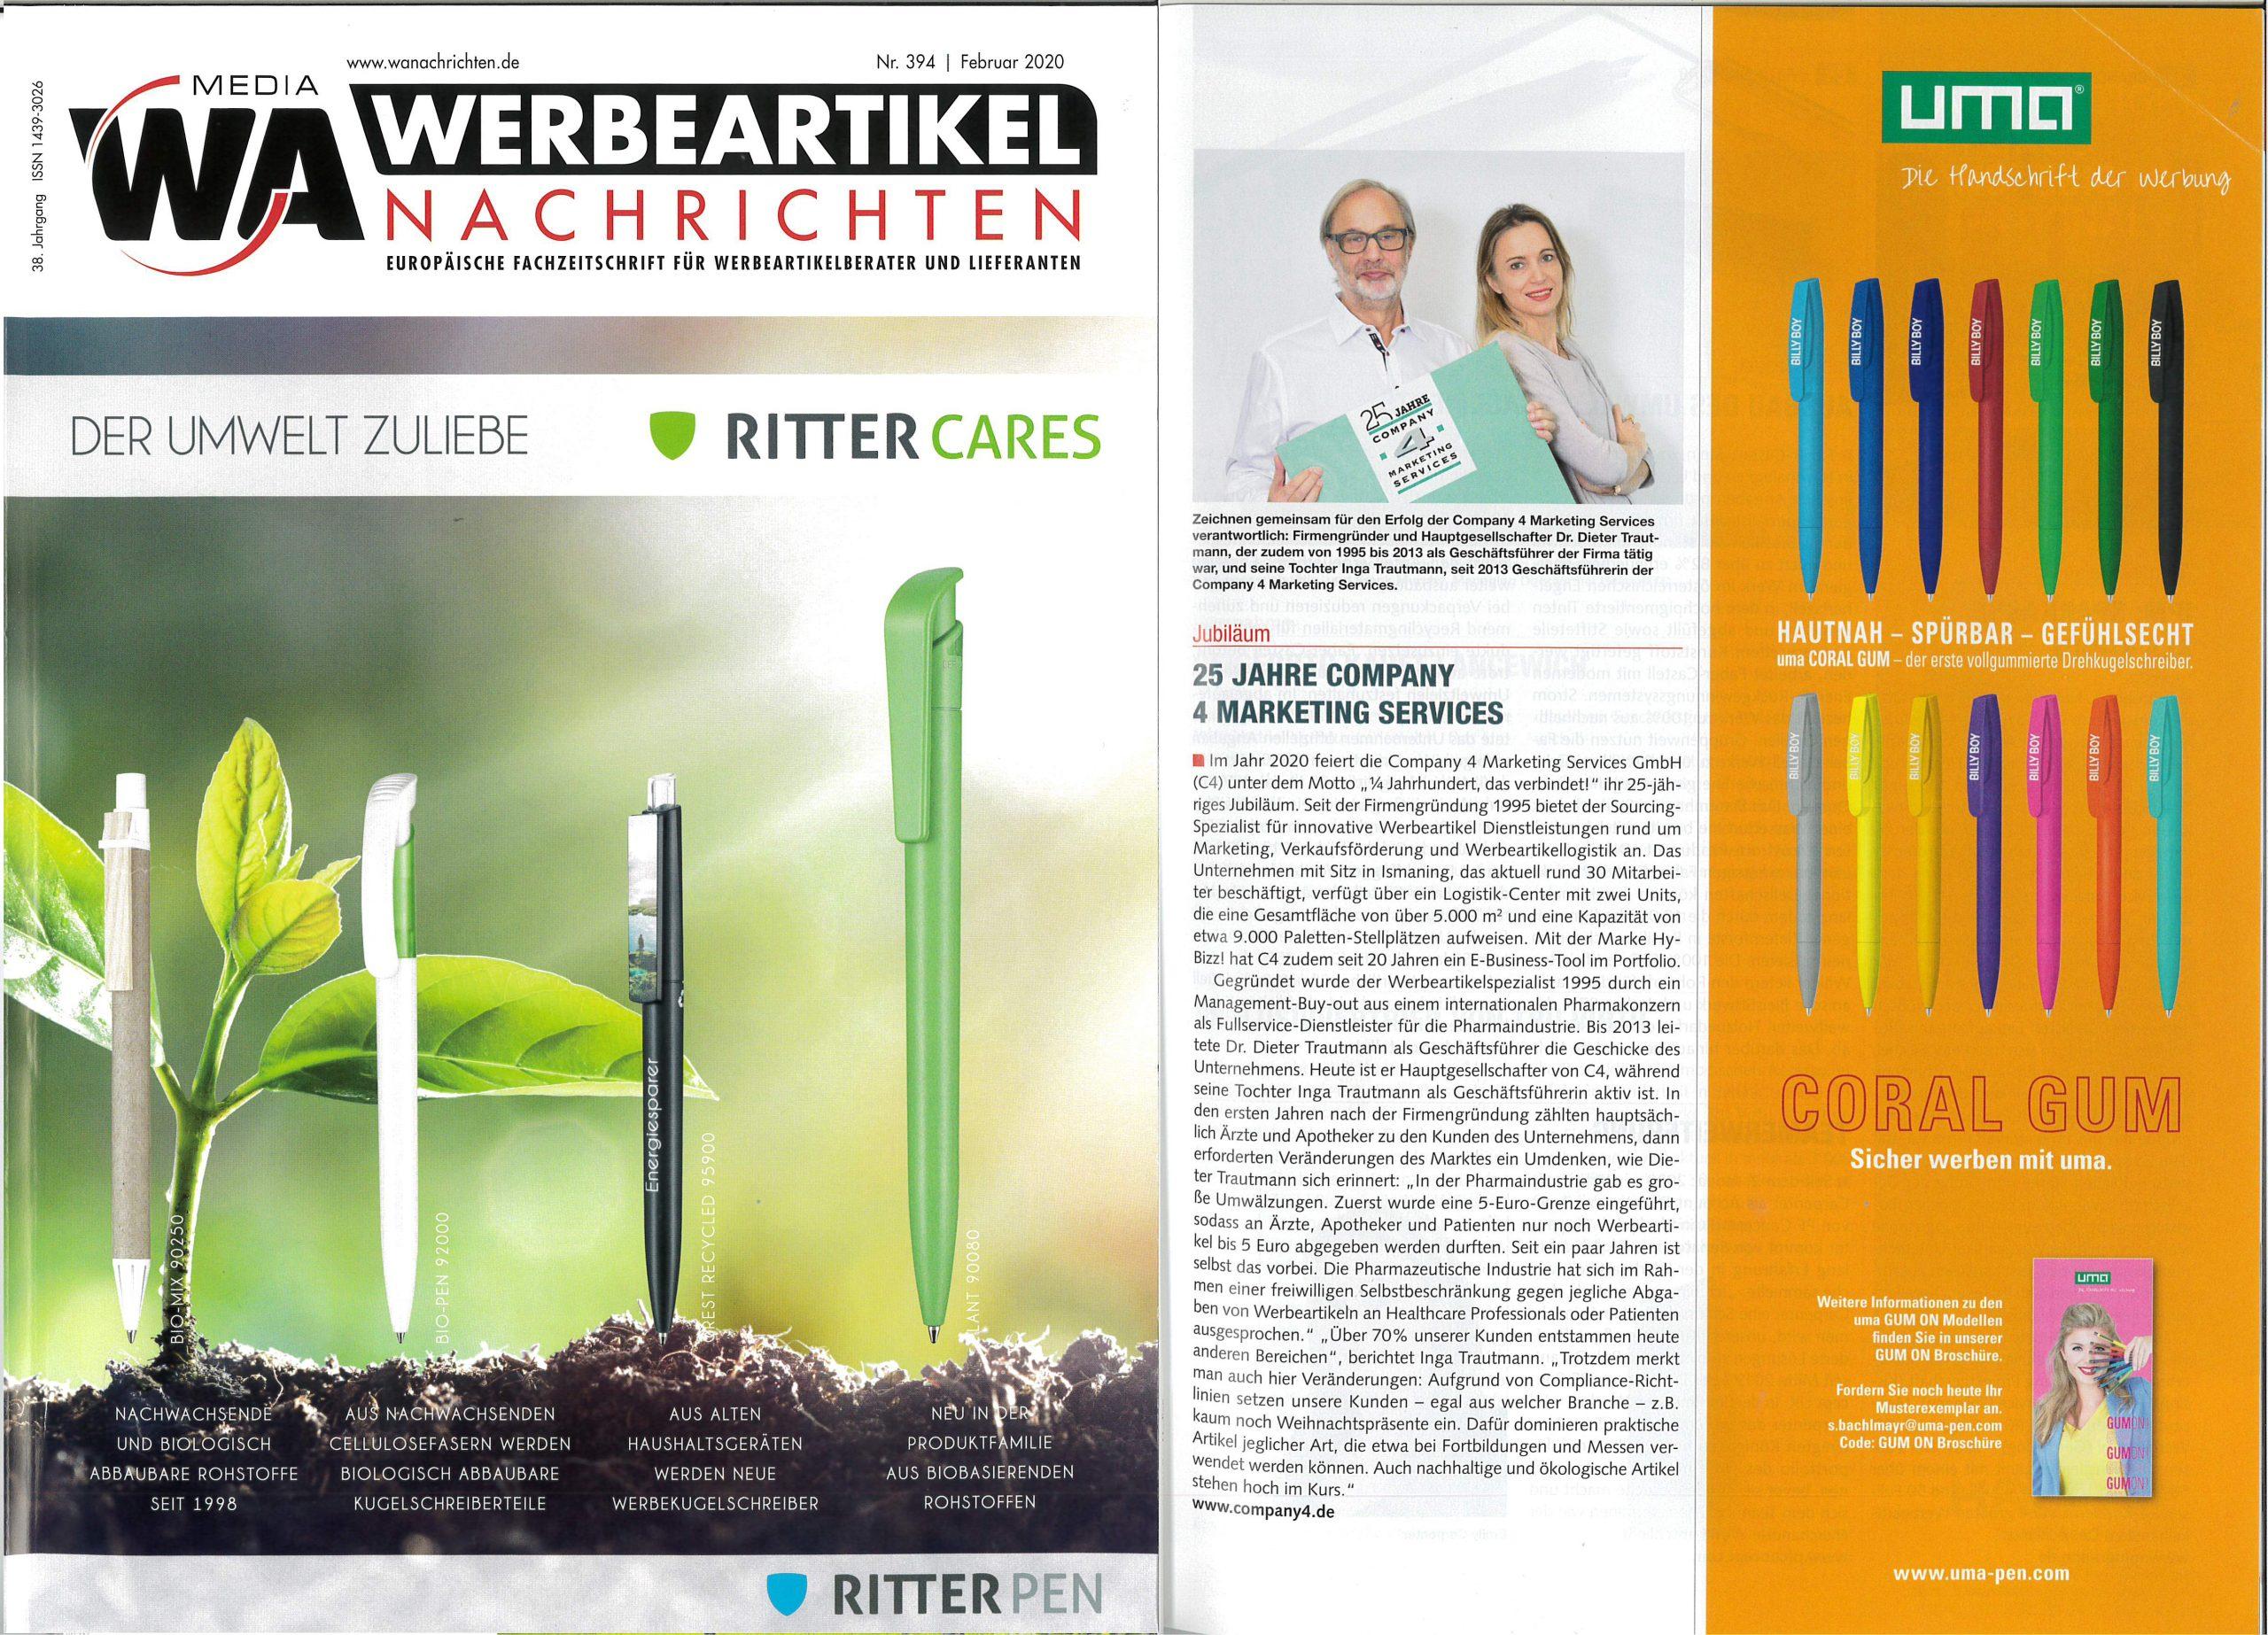 Werbeartikel-Nachrichten 02 2020